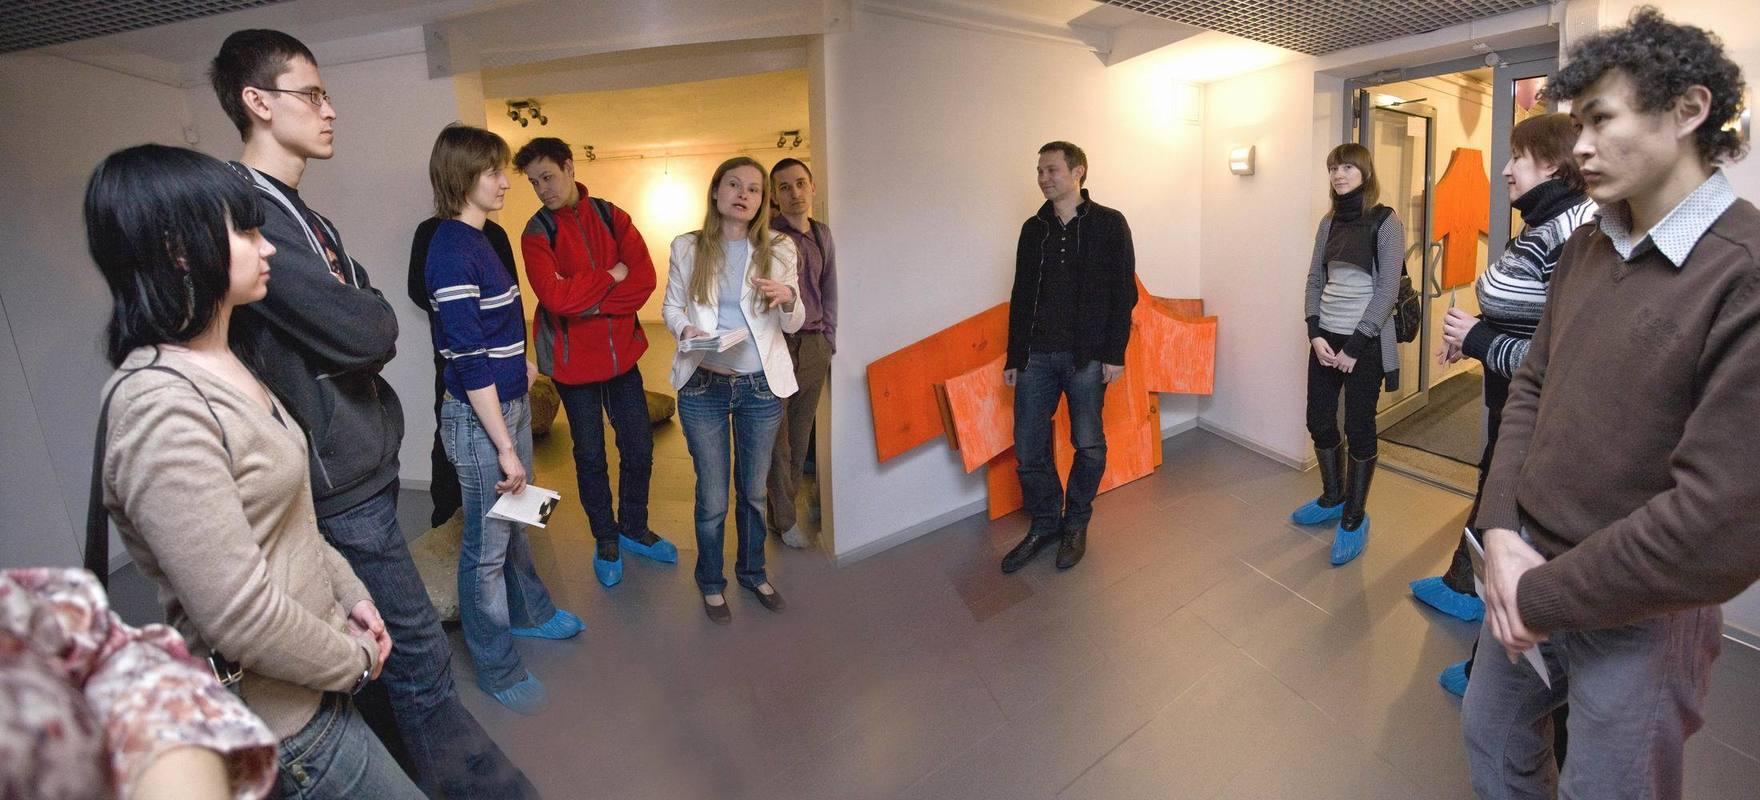 Открытие выставки Олега Блябляса «Голоса в отдалении»